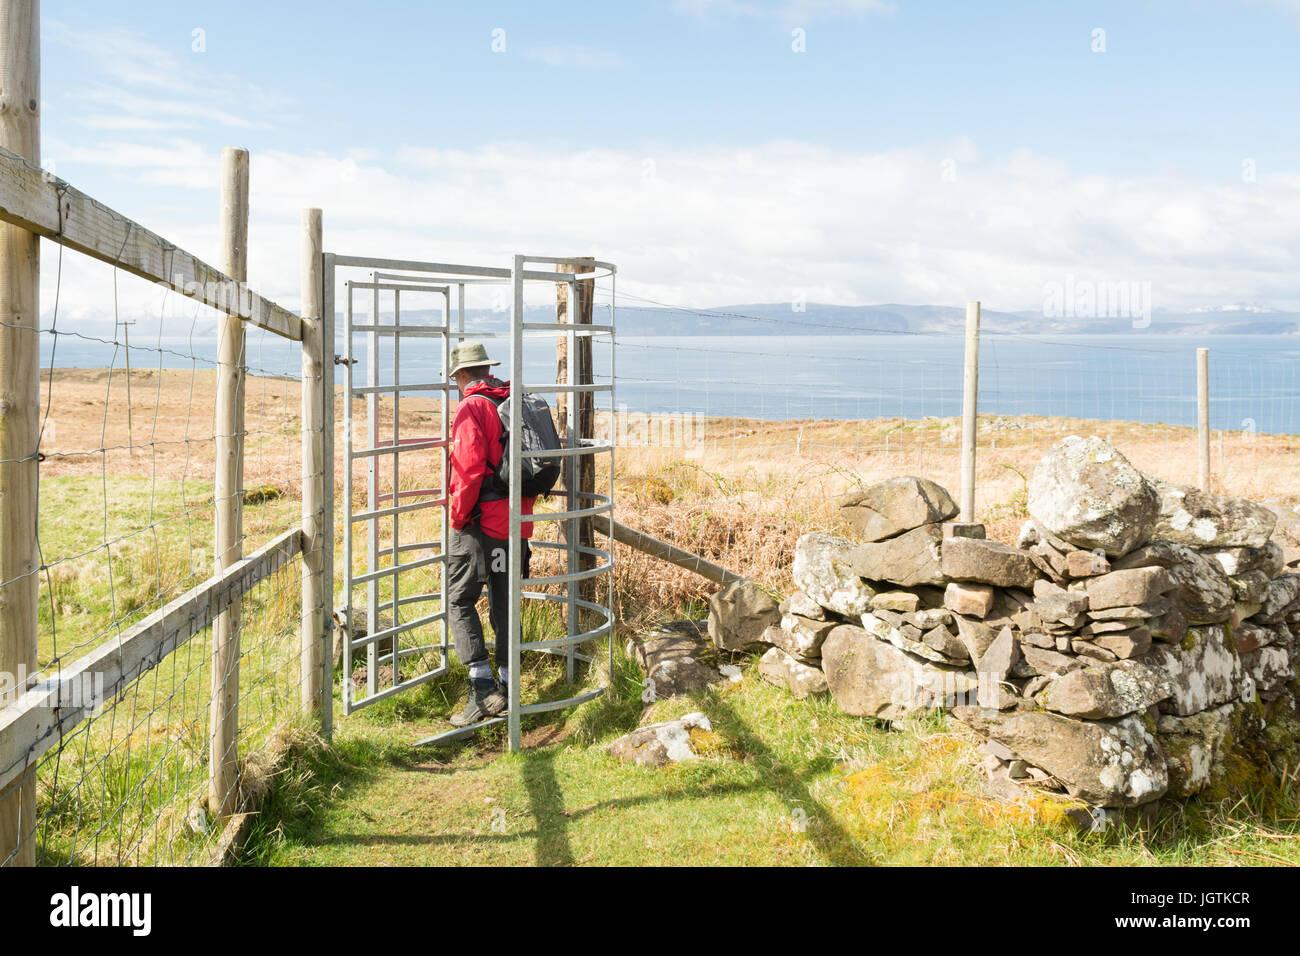 Deer prova metal di gate e scherma - penisola di Applecross, Wester Ross, Highland, Scotland, Regno Unito Immagini Stock